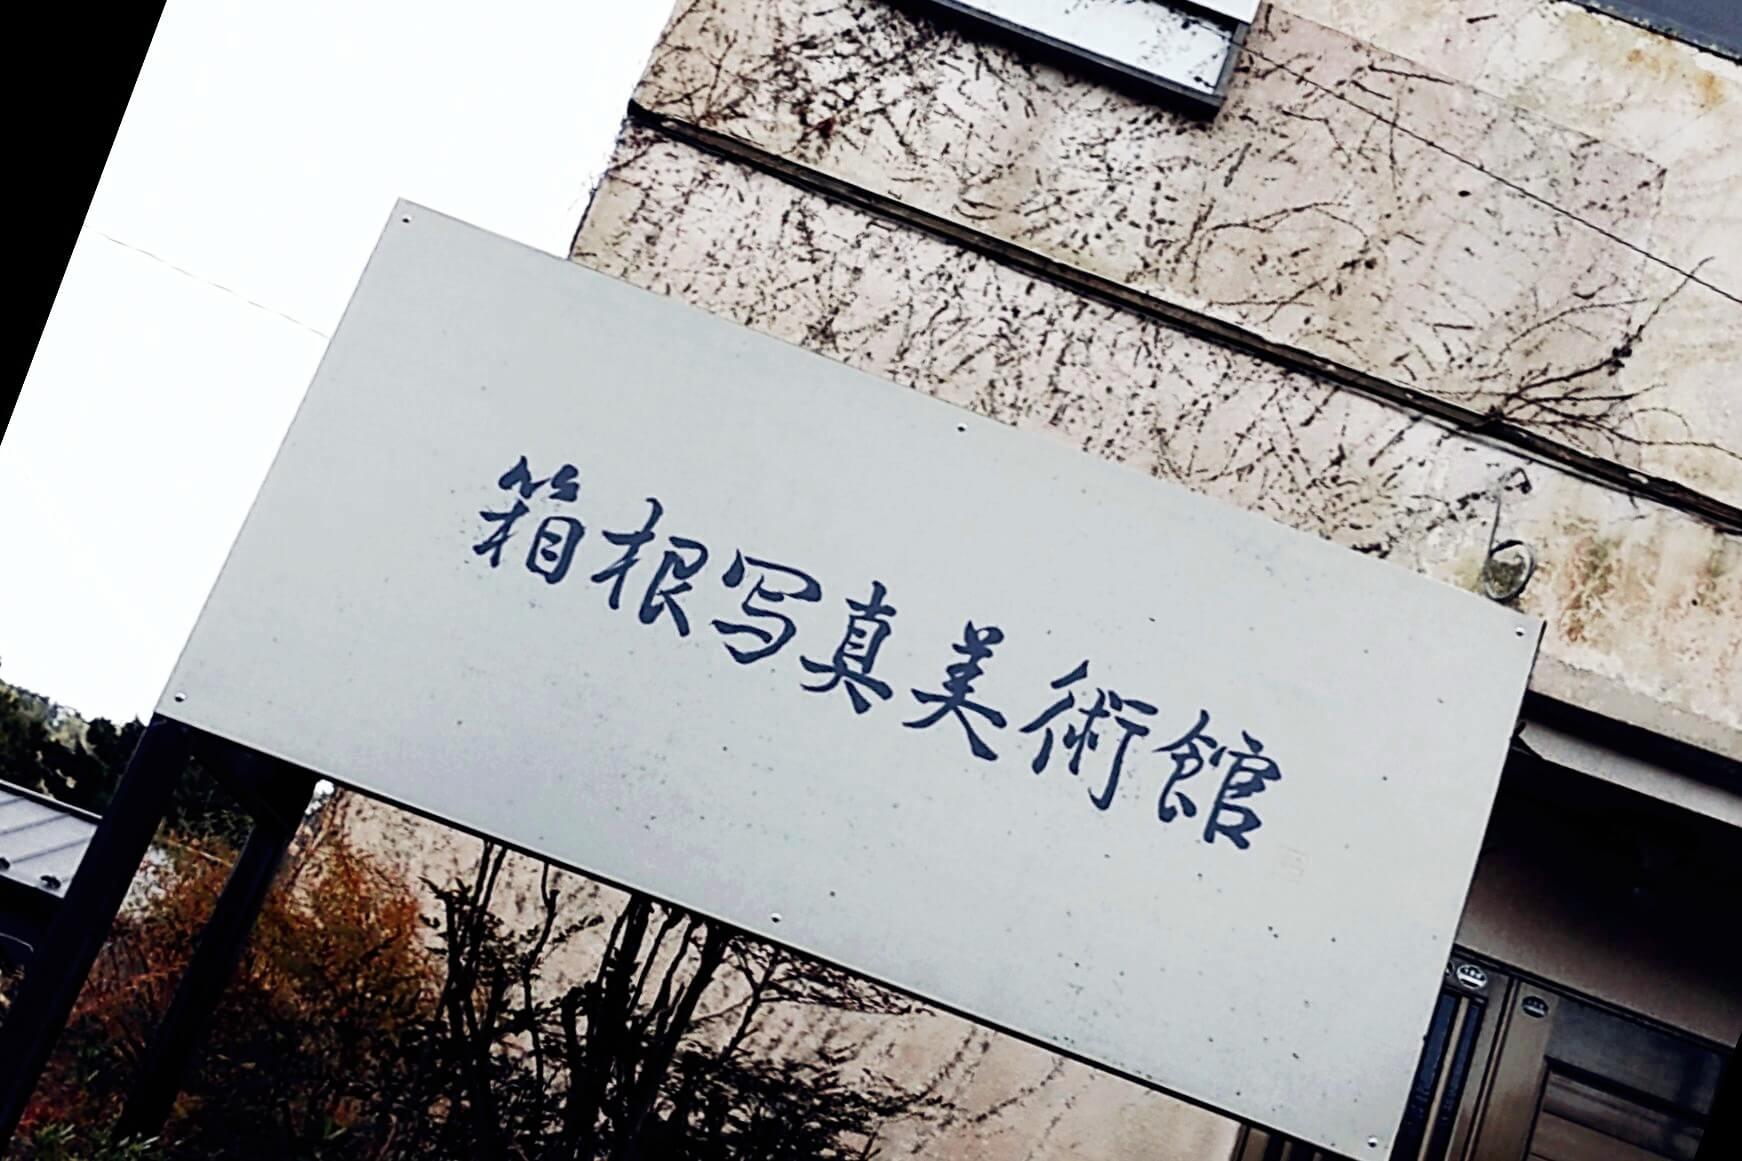 箱根写真美術館の看板